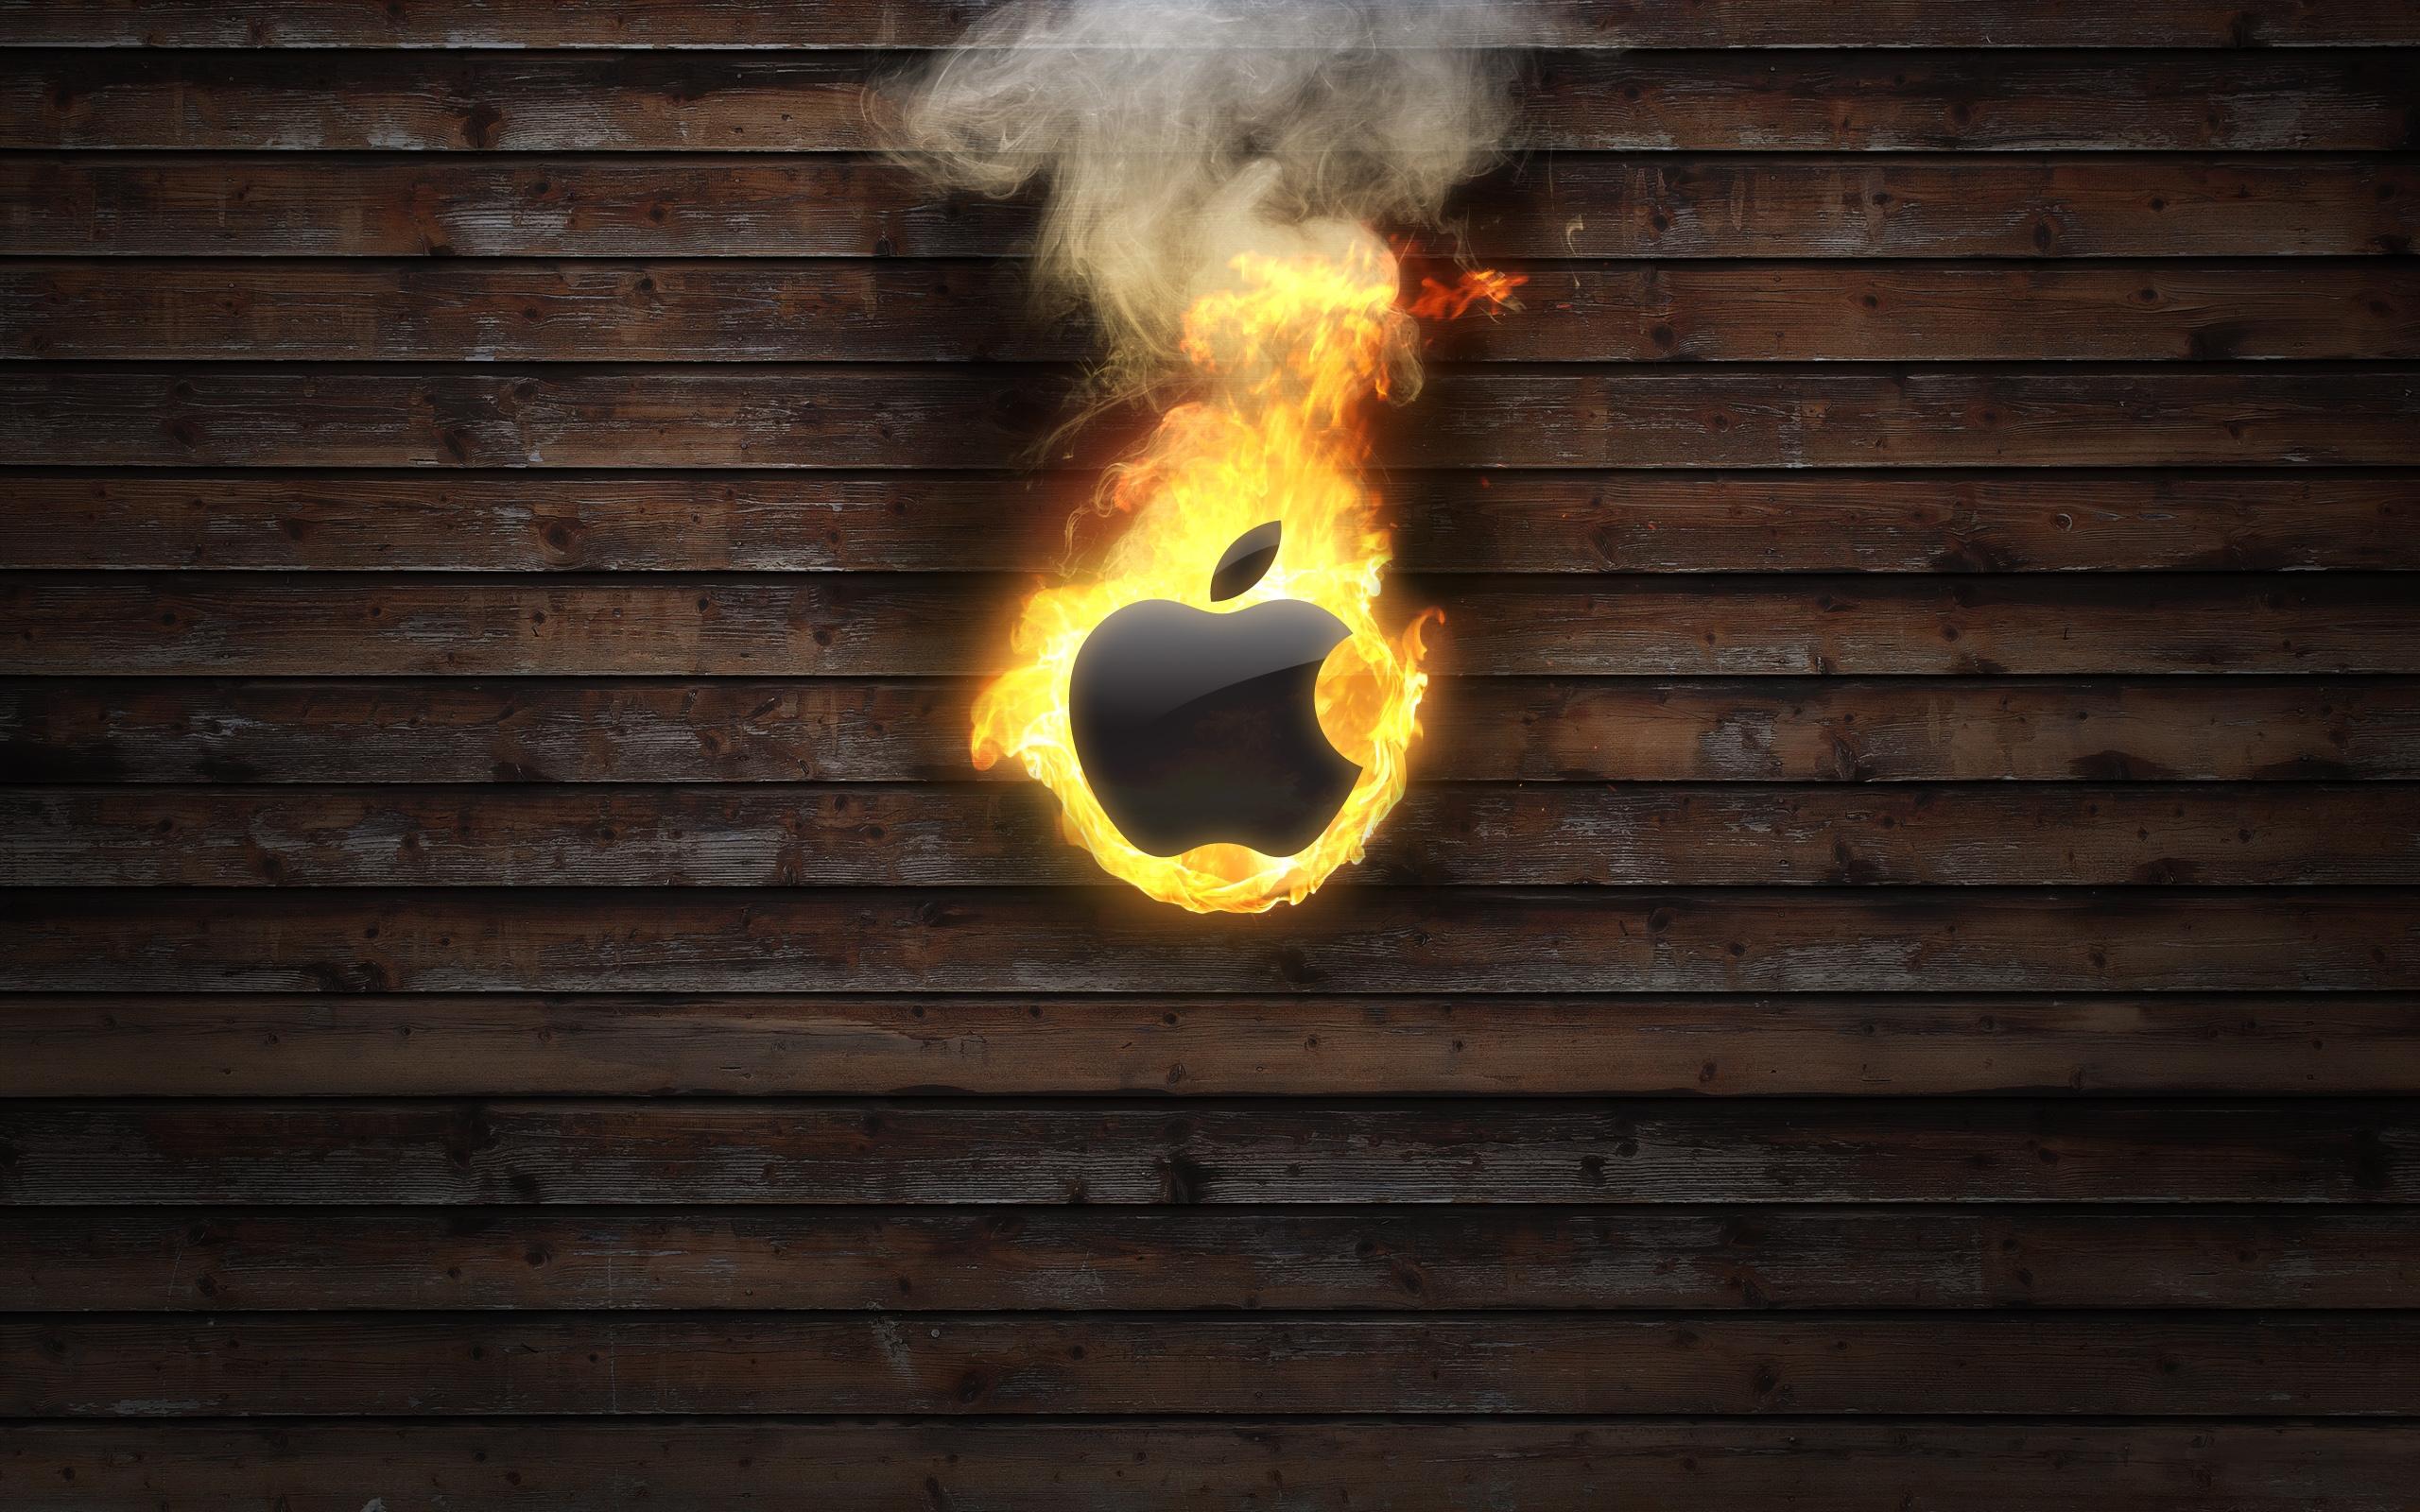 32674 Hintergrundbild herunterladen Apple-, Marken, Logos - Bildschirmschoner und Bilder kostenlos